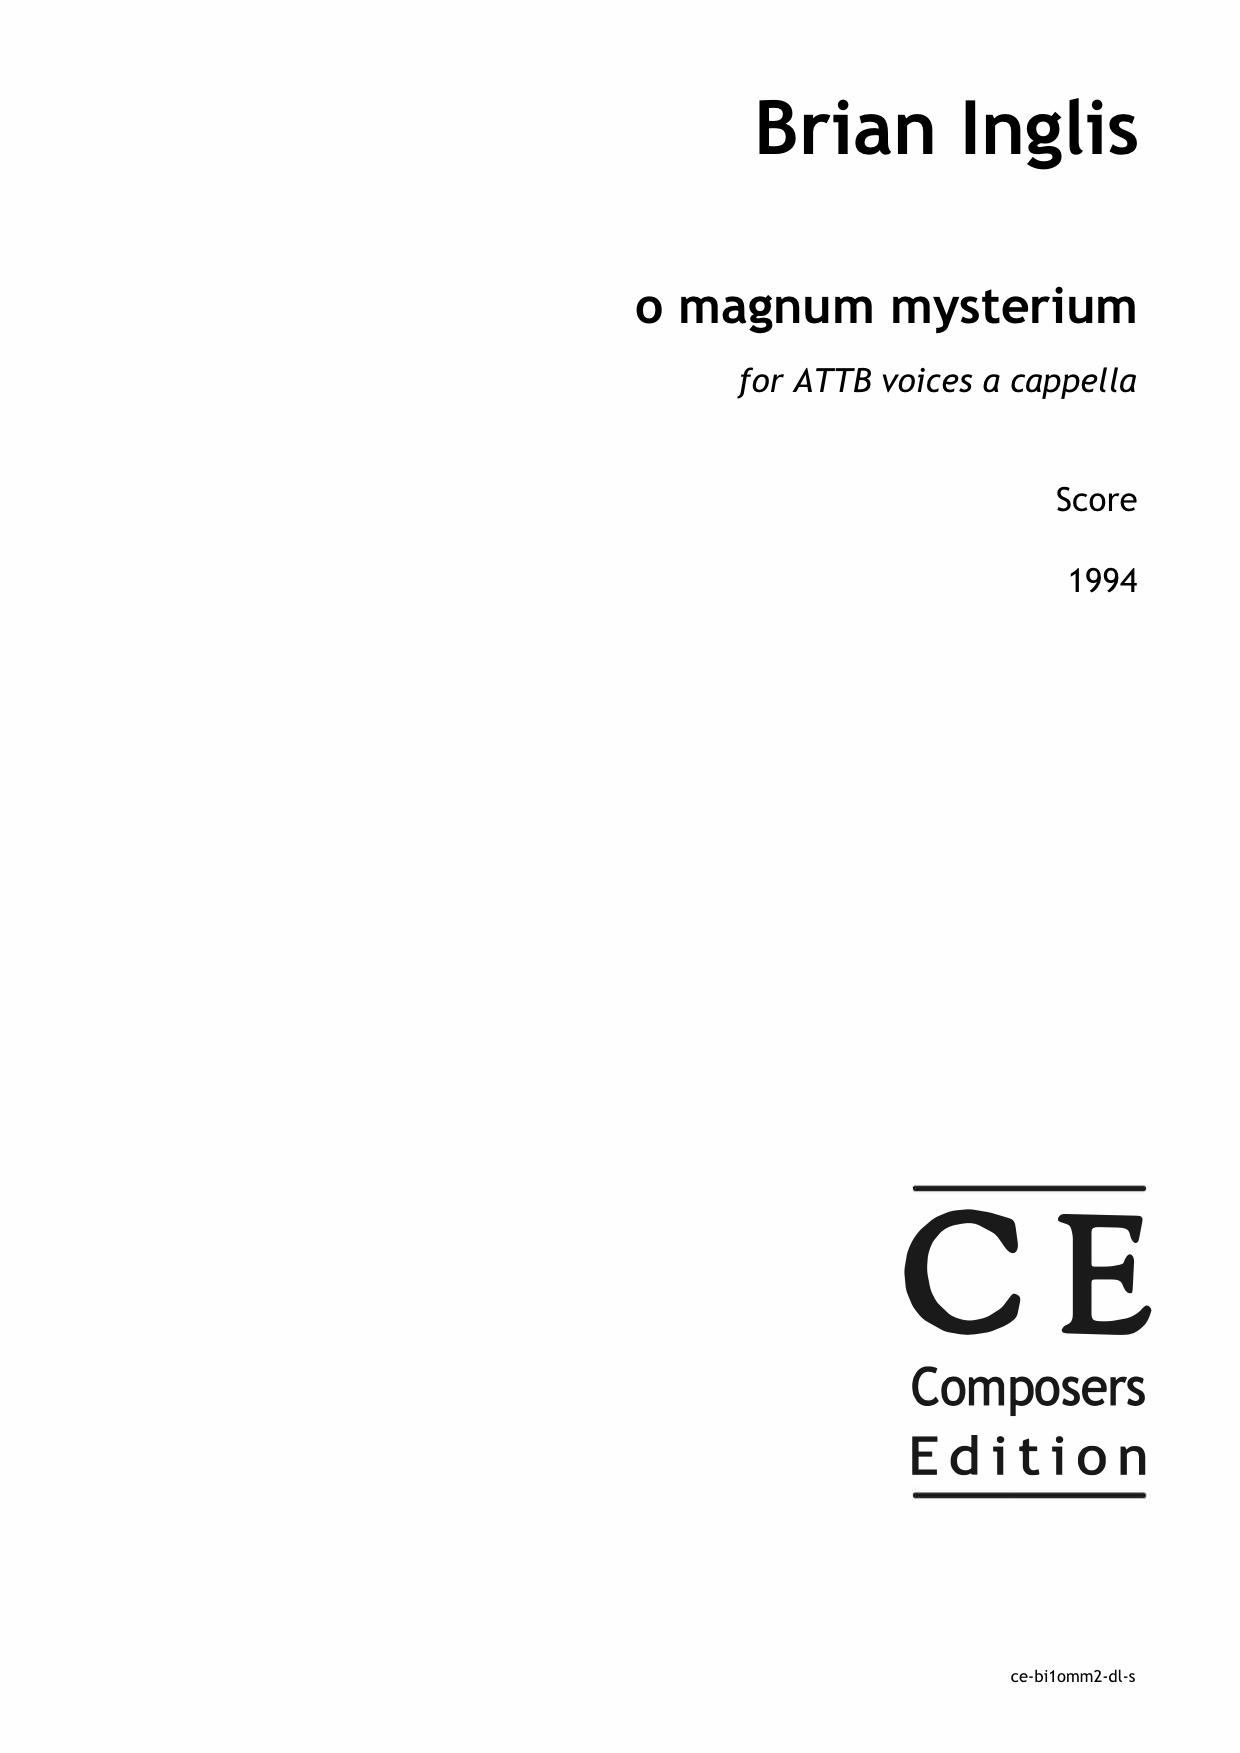 Brian Inglis: o magnum mysterium (ATTB version) for ATTB voices a cappella